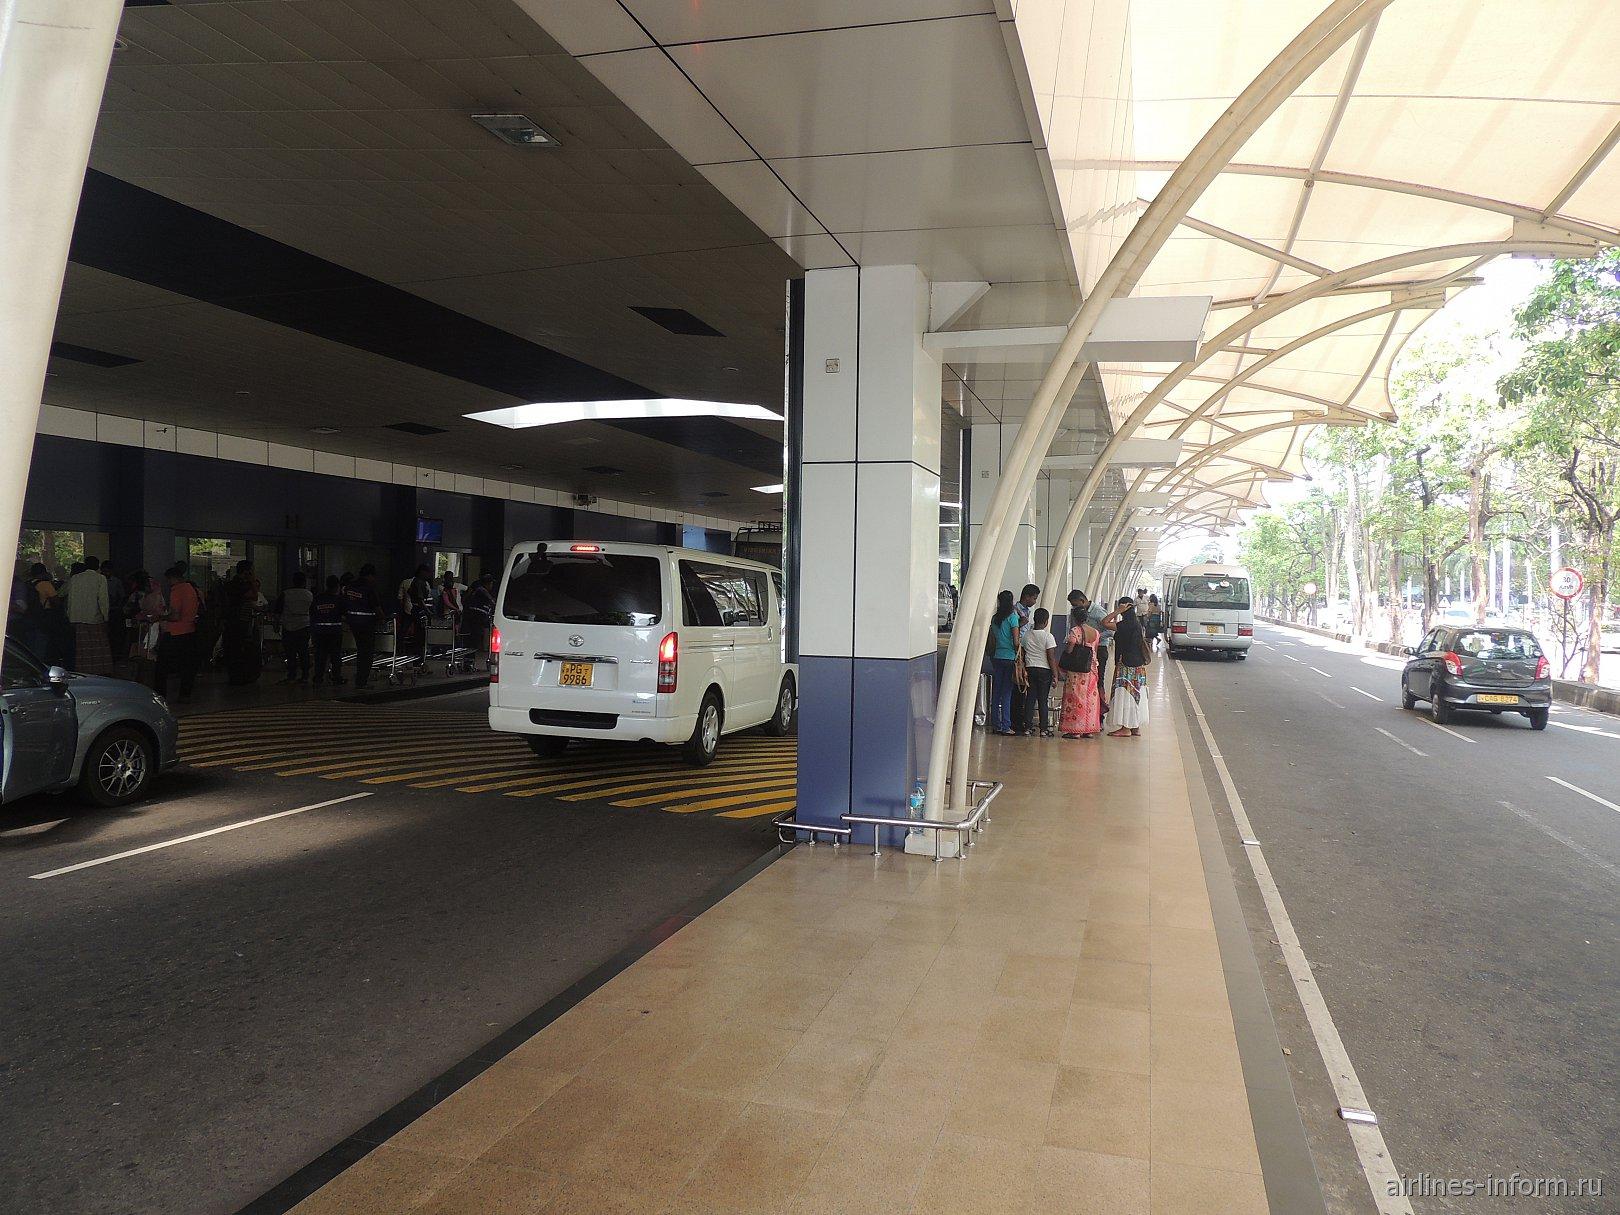 У входа в аэропорт Коломбо Бандаранайке